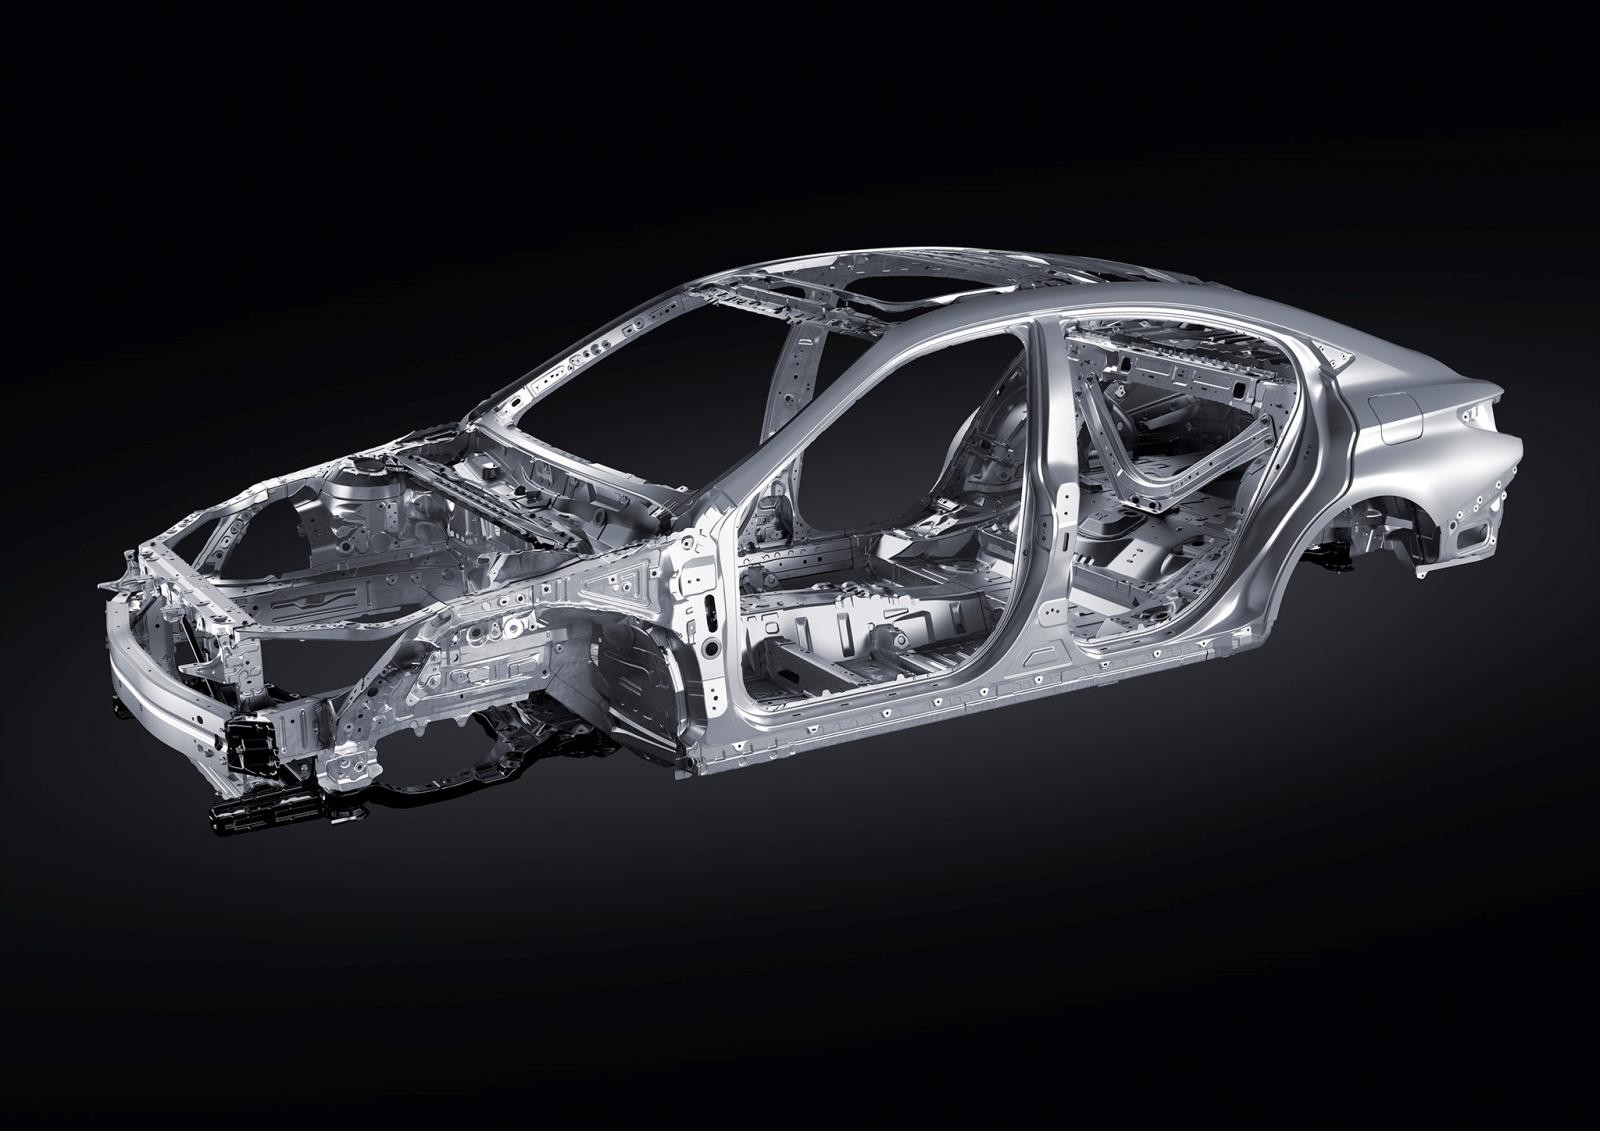 Xe được phát triển dựa trên nên tảng kiến trục toàn cầu K (GA-K) hoàn toàn mới